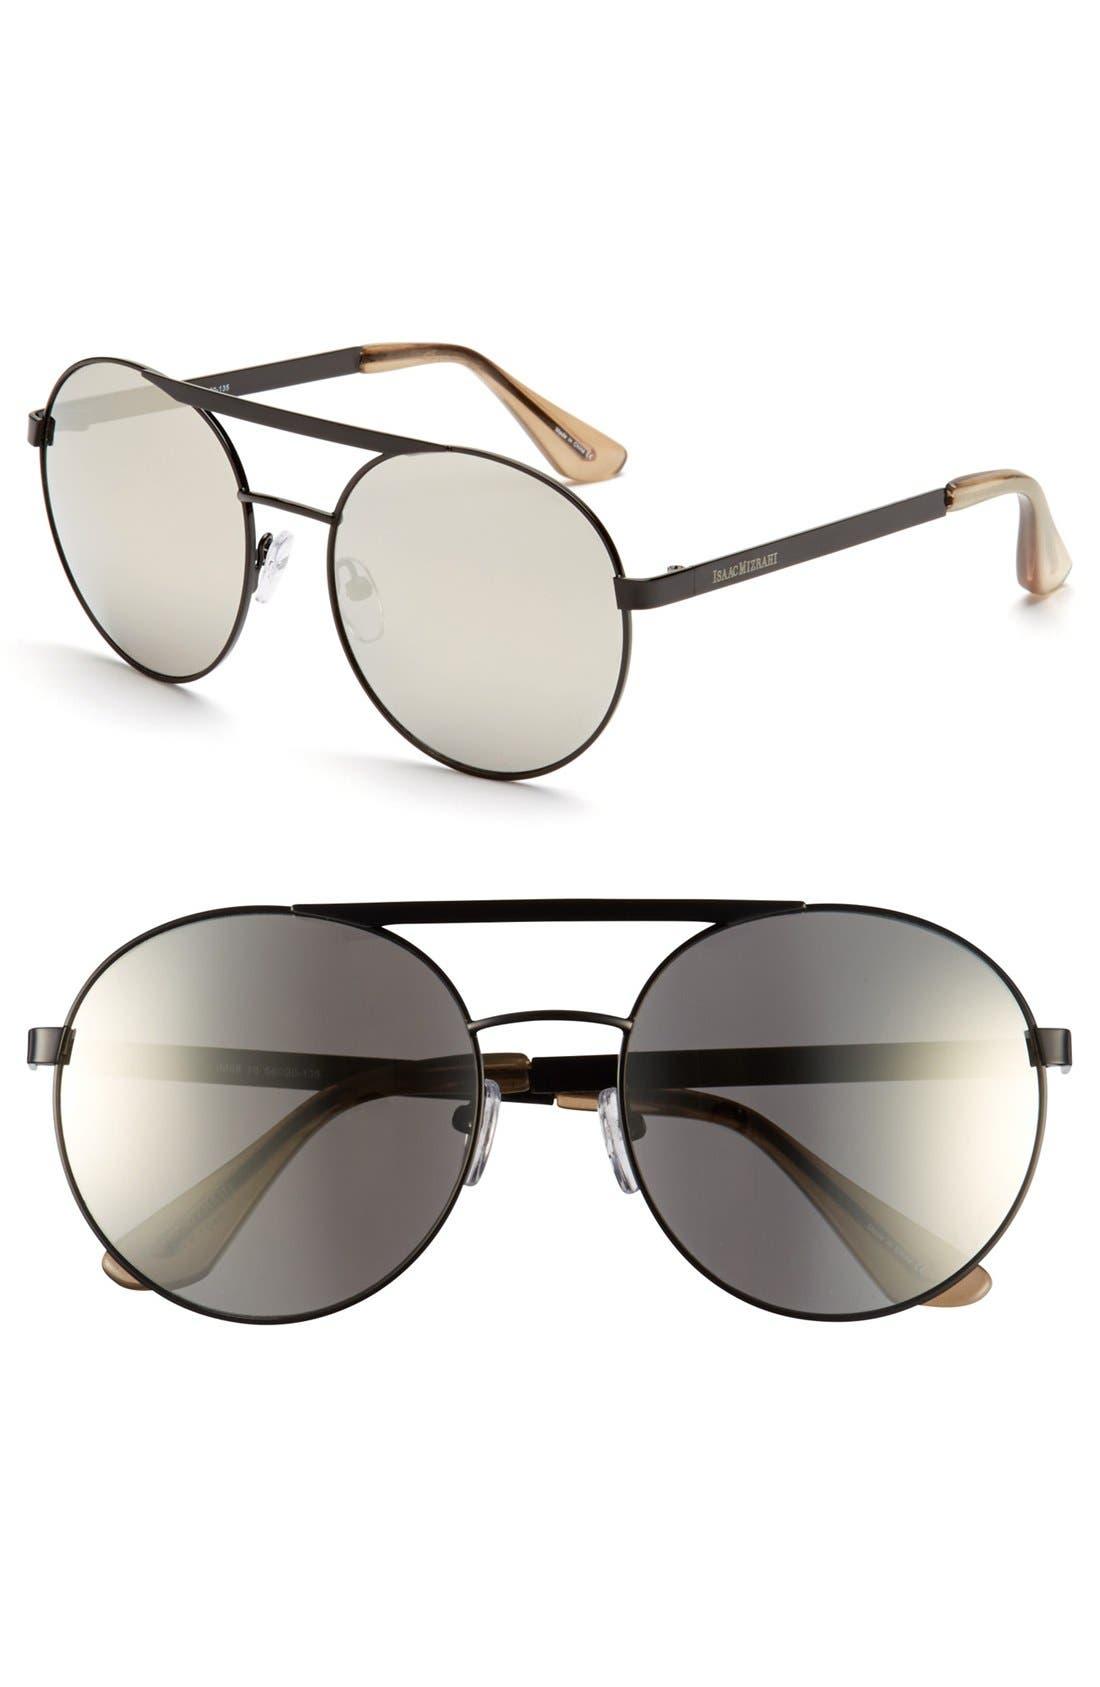 Main Image - Isaac Mizrahi New York 56mm Round Sunglasses